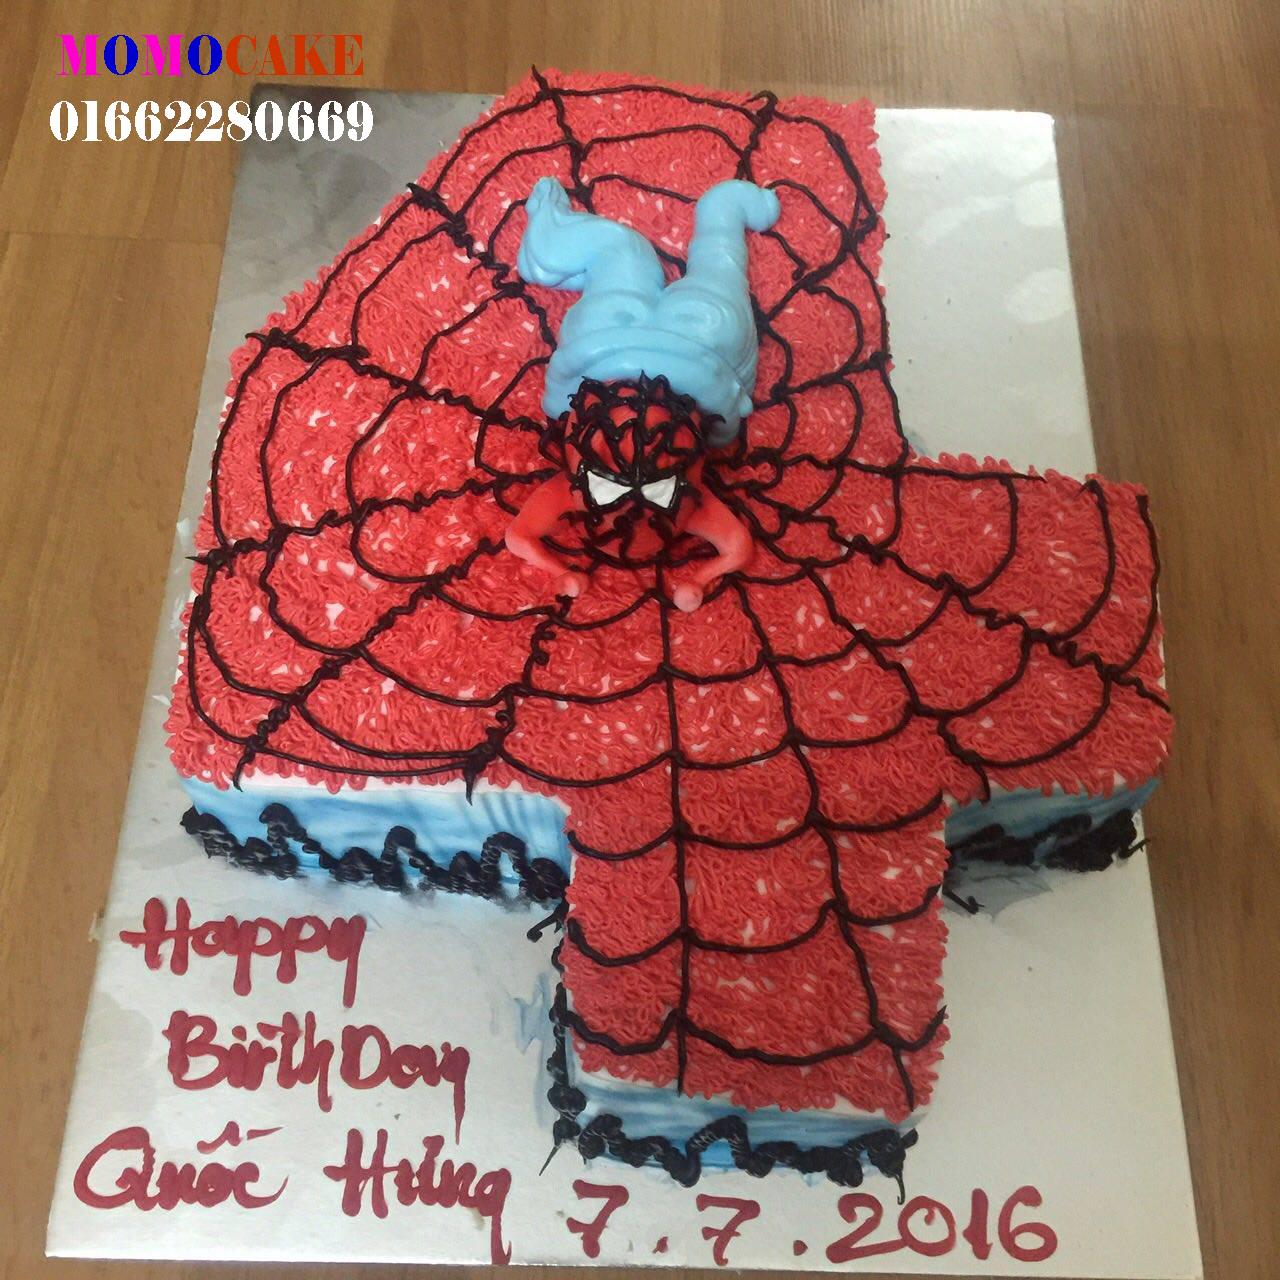 Bánh in ảnh | Bánh sinh nhật in ảnh cho bé 1 tuổi | Bánh sinh nhật in ảnh - Bánh in ảnh ăn được, hương vị hấp dẫn